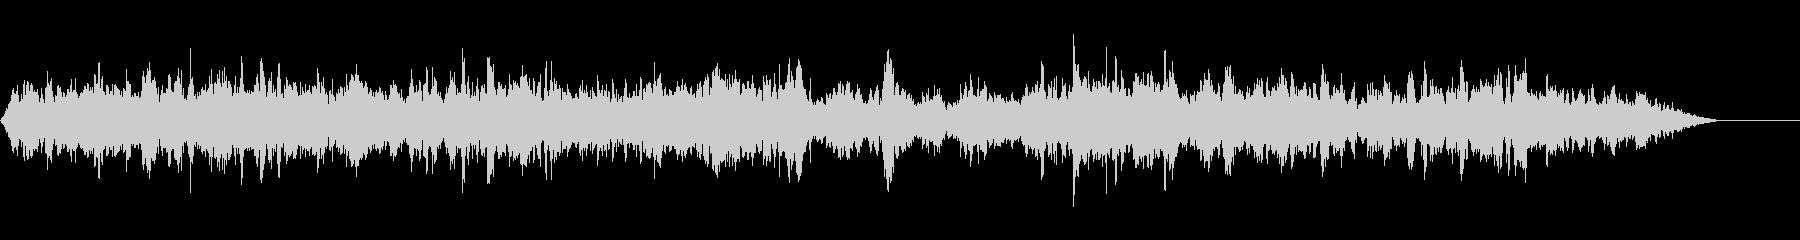 にぎわい-アニメーション-スペイン2の未再生の波形